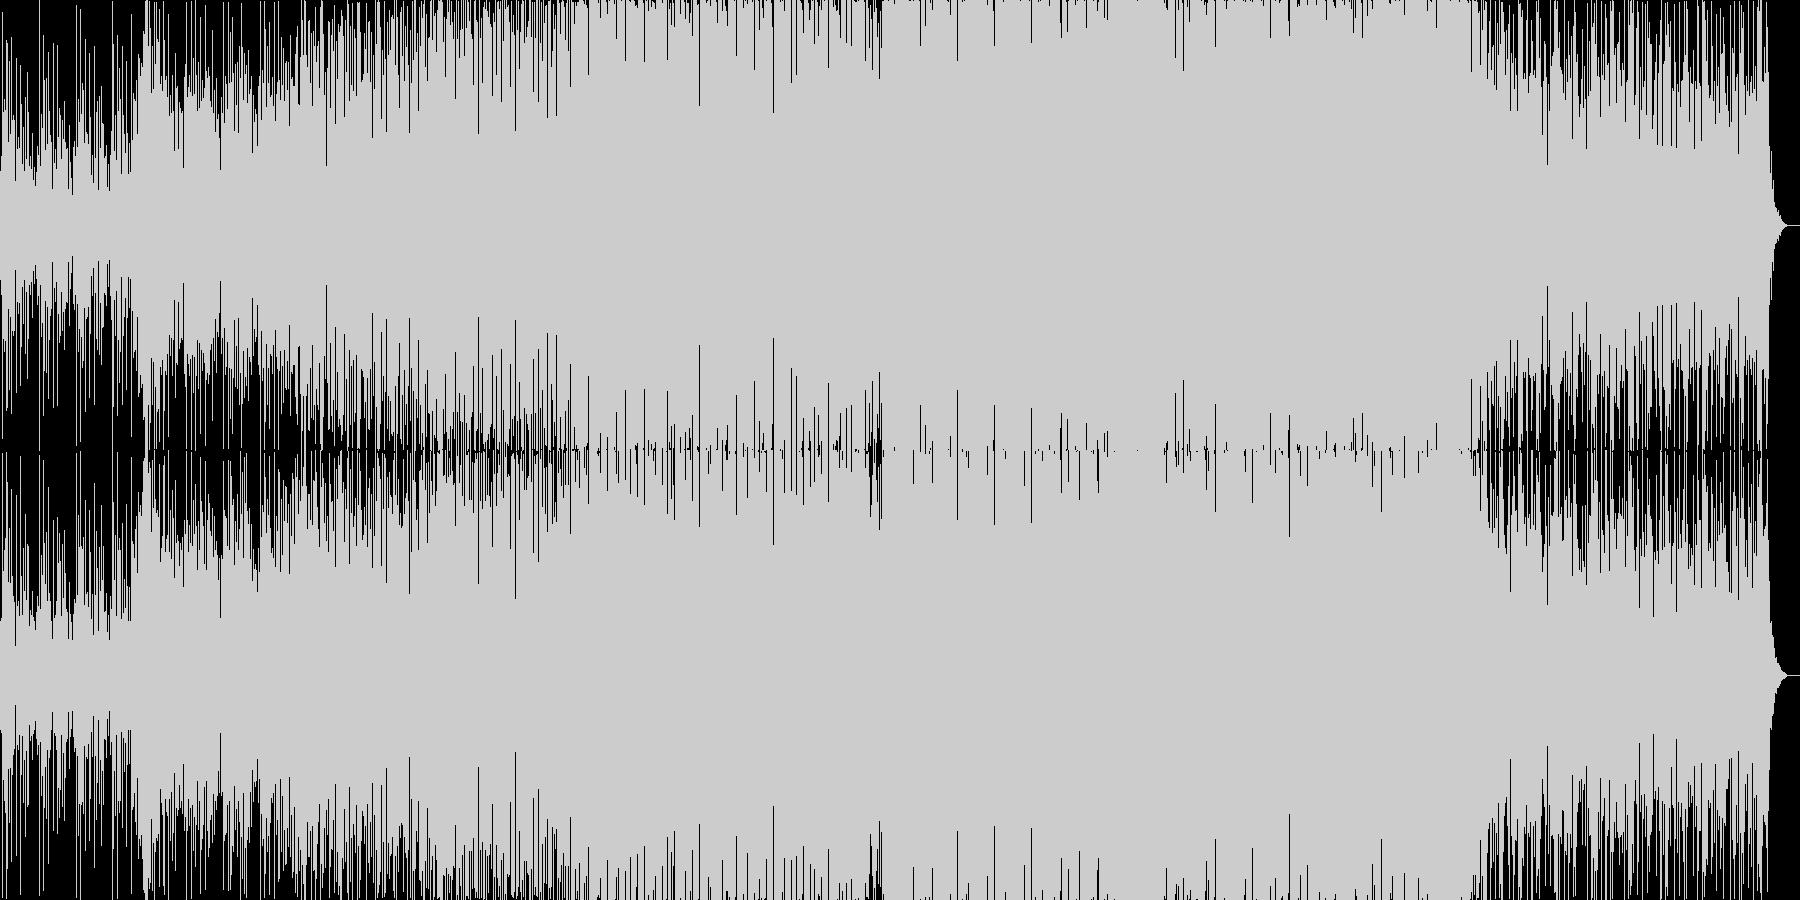 近未来感のある軽めなドラムンベースの未再生の波形